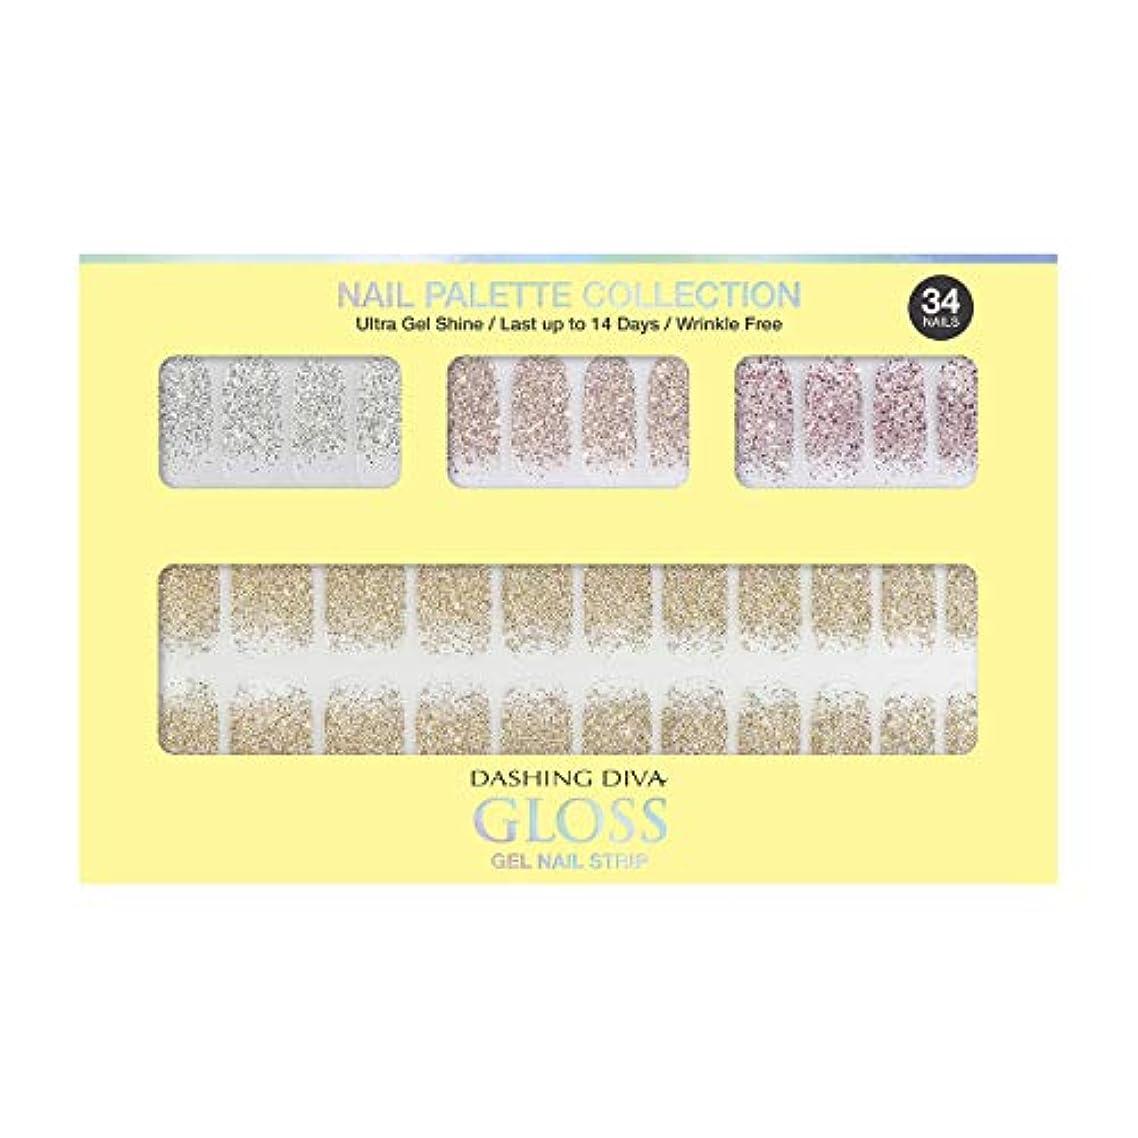 テクトニック狂乱列挙するダッシングディバ グロスジェル ネイルストリップ DASHING DIVA Gloss Gel Nail Strip DGNP07-DURY+ オリジナルジェル ネイルシール Lemon #07 Sparkling Powder